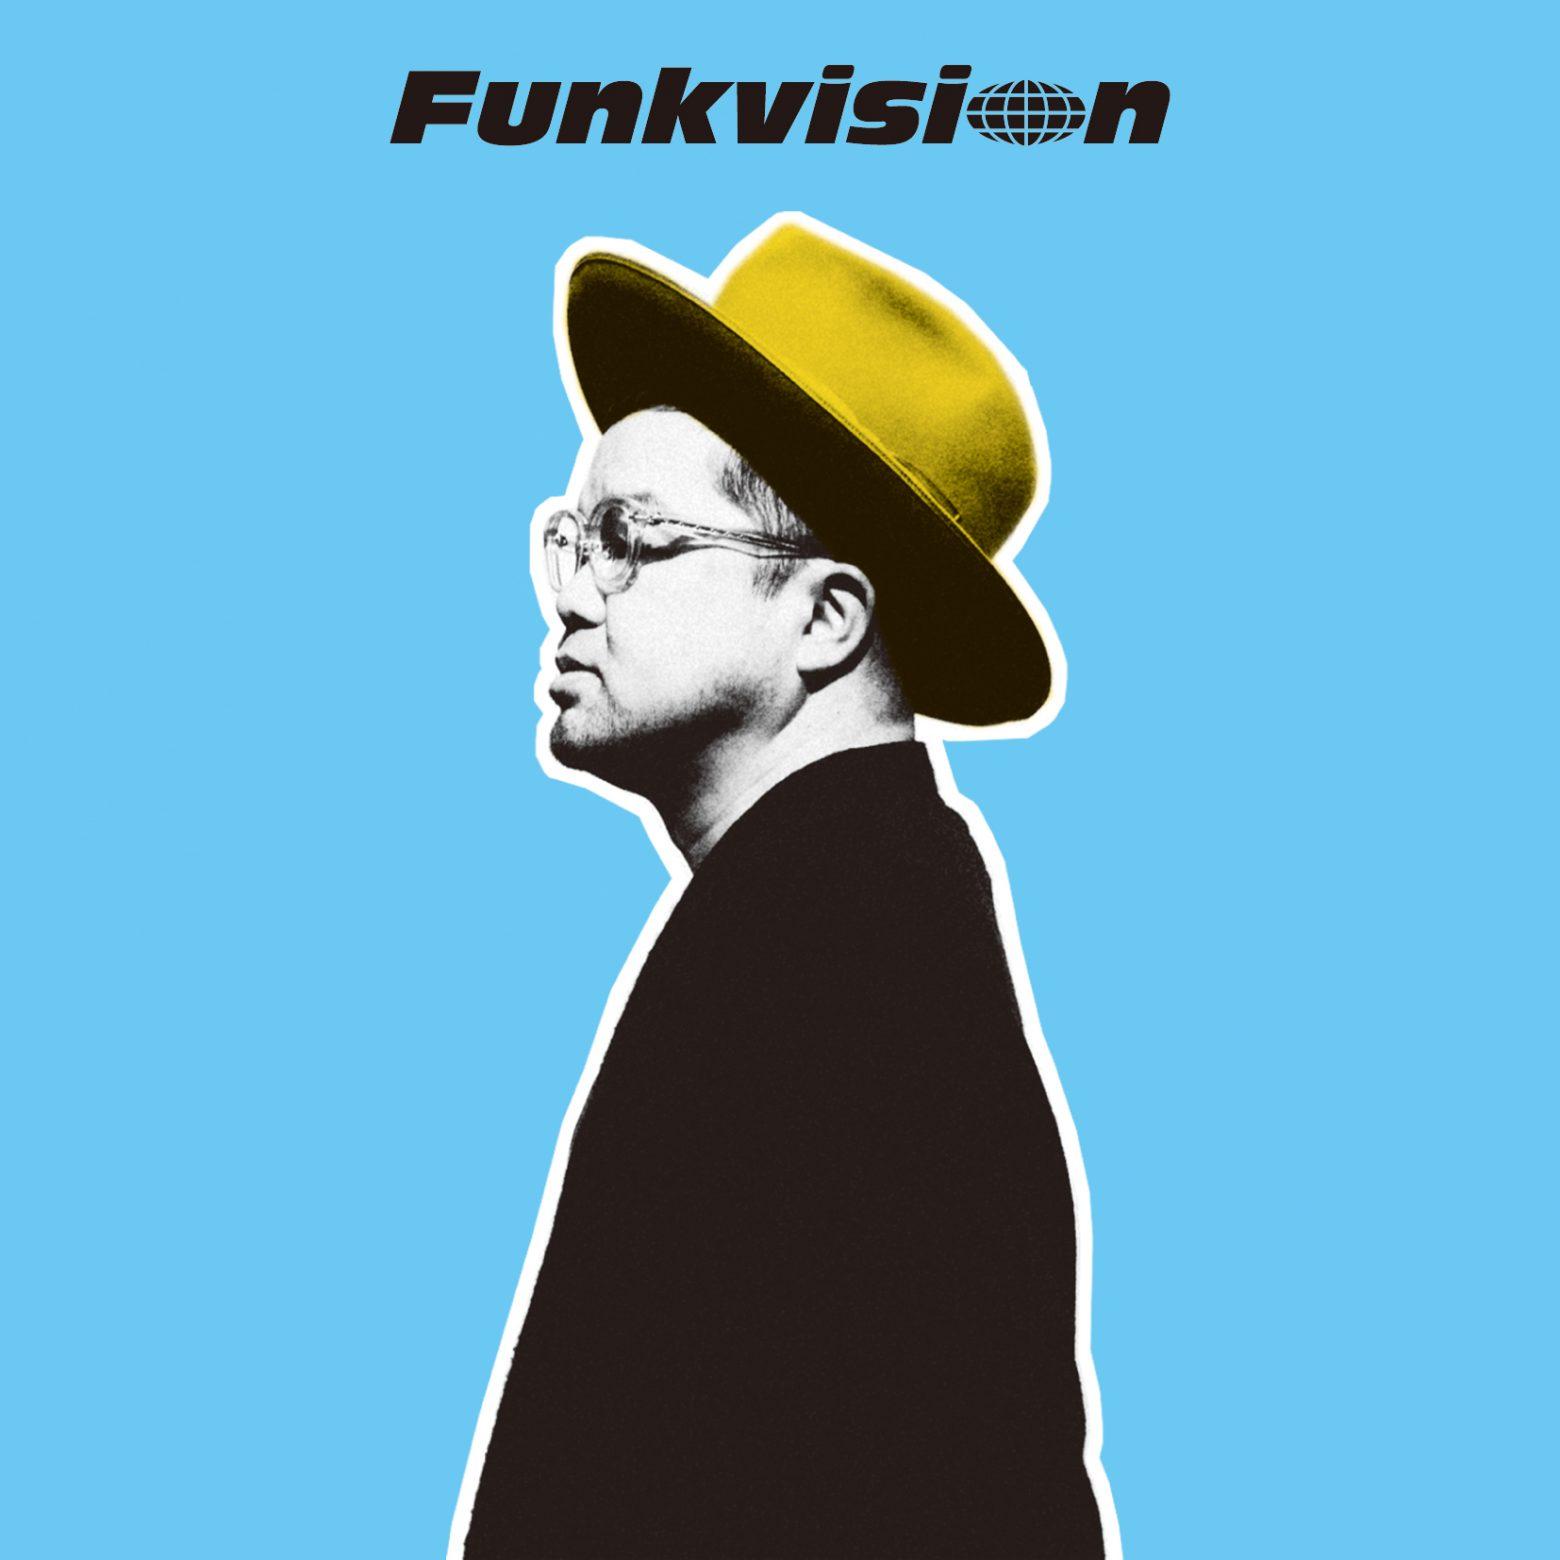 西寺郷太「Funkvision」